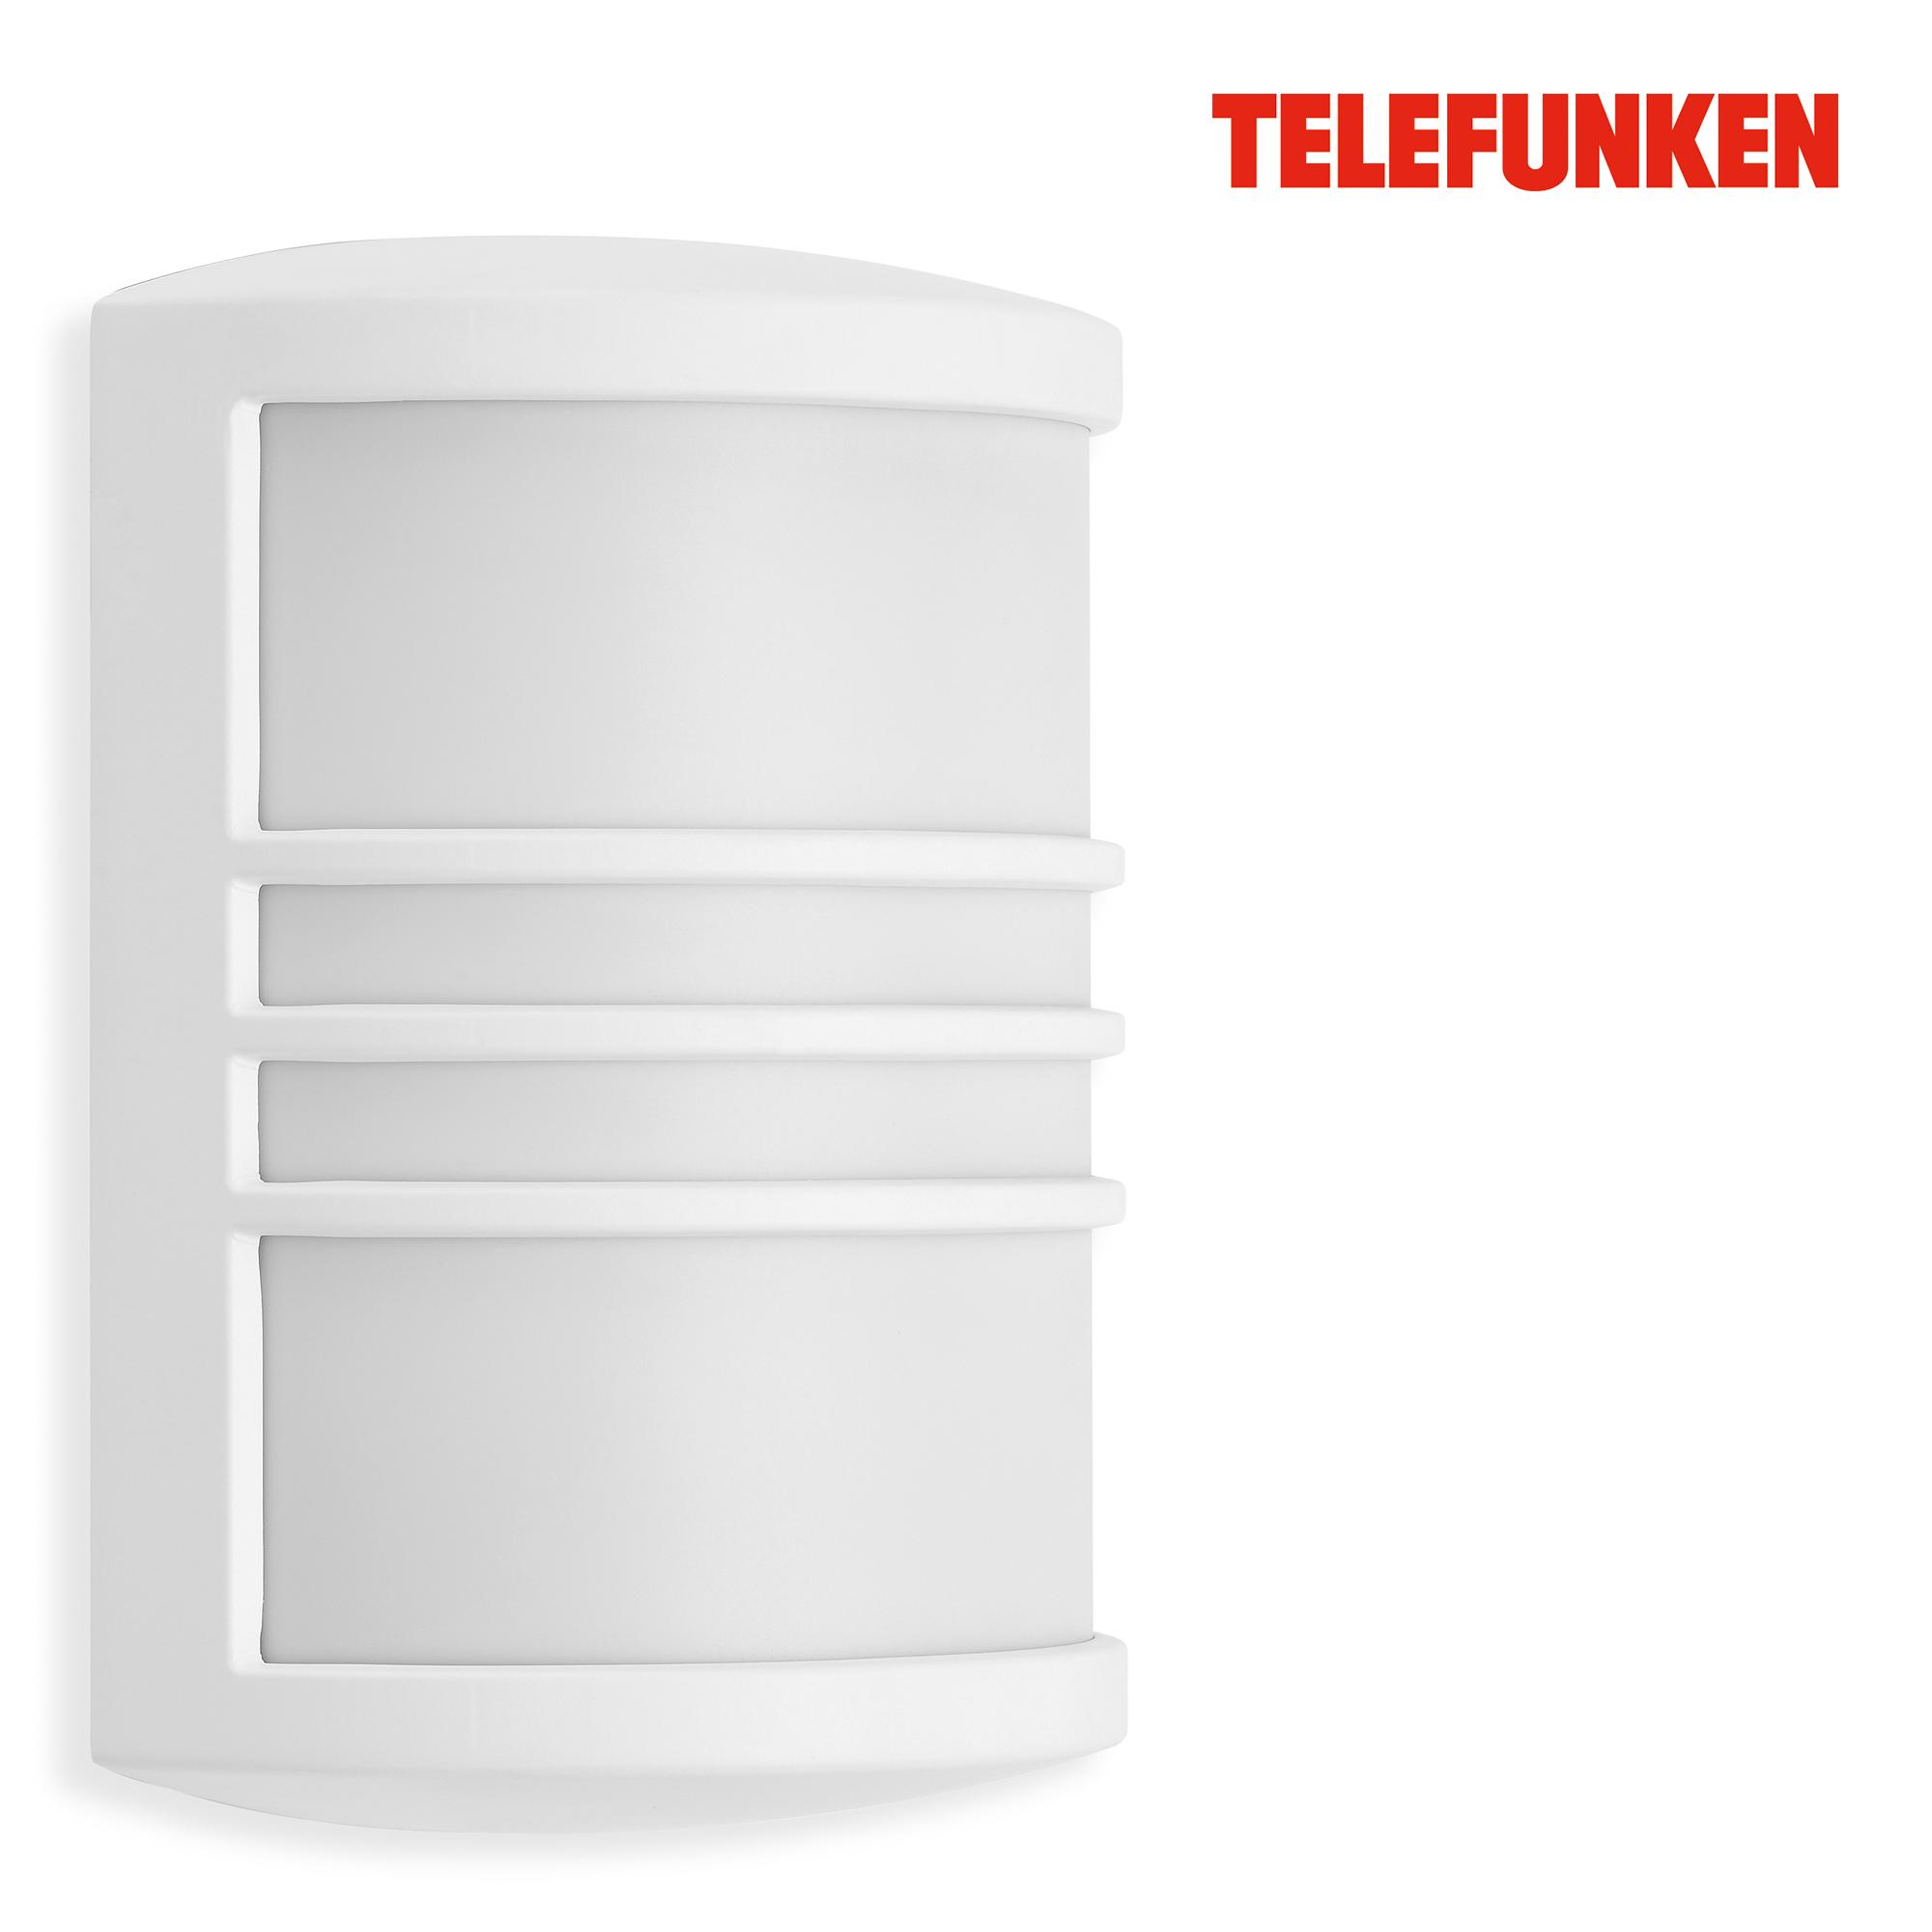 TELEFUNKEN LED Außenwandleuchte Weiß